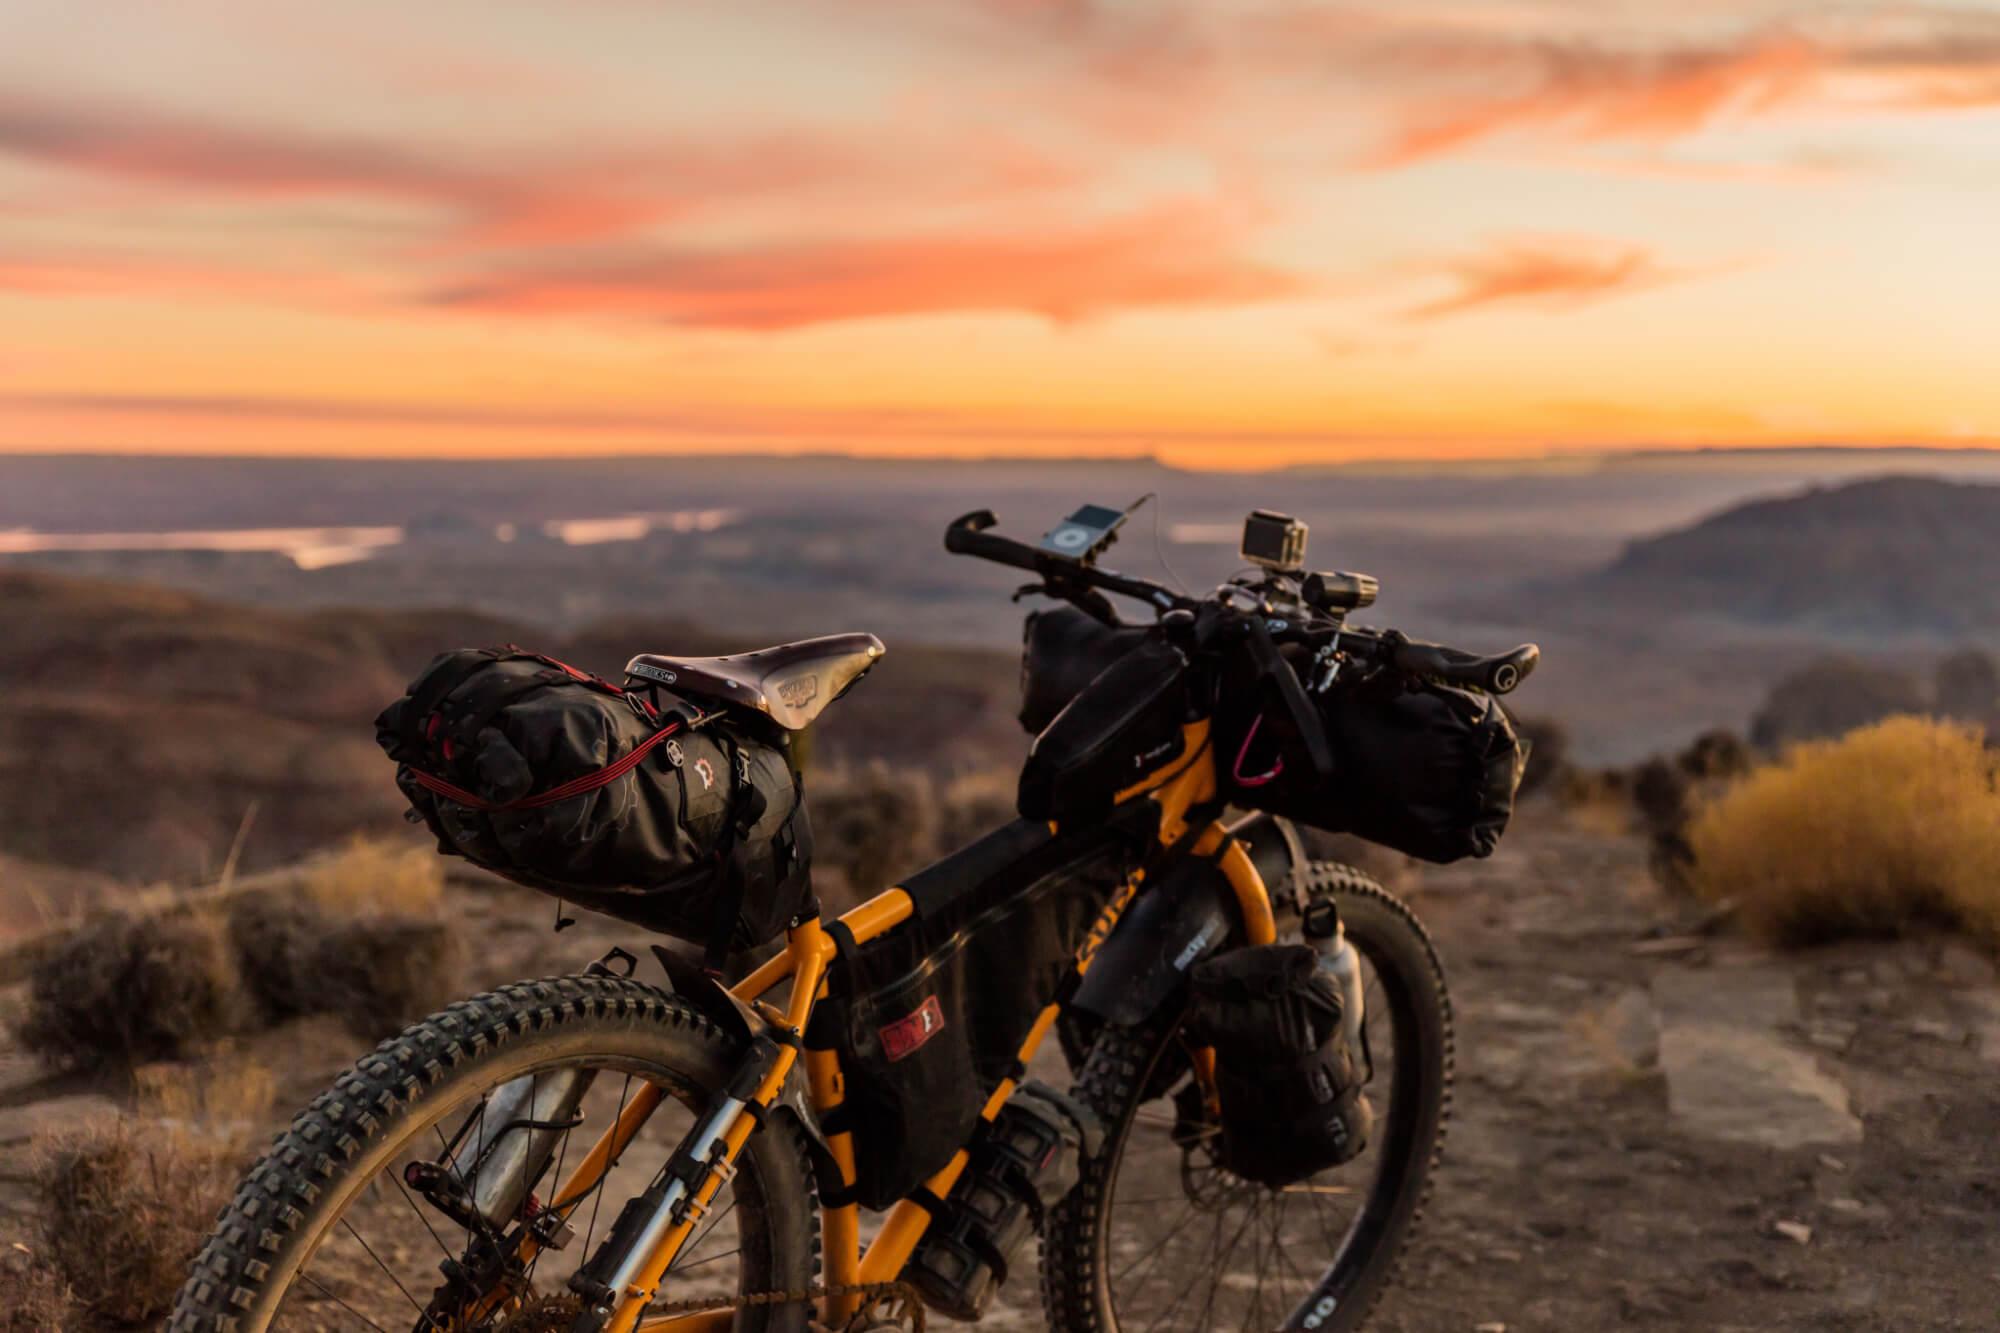 Cykel framför utsikt